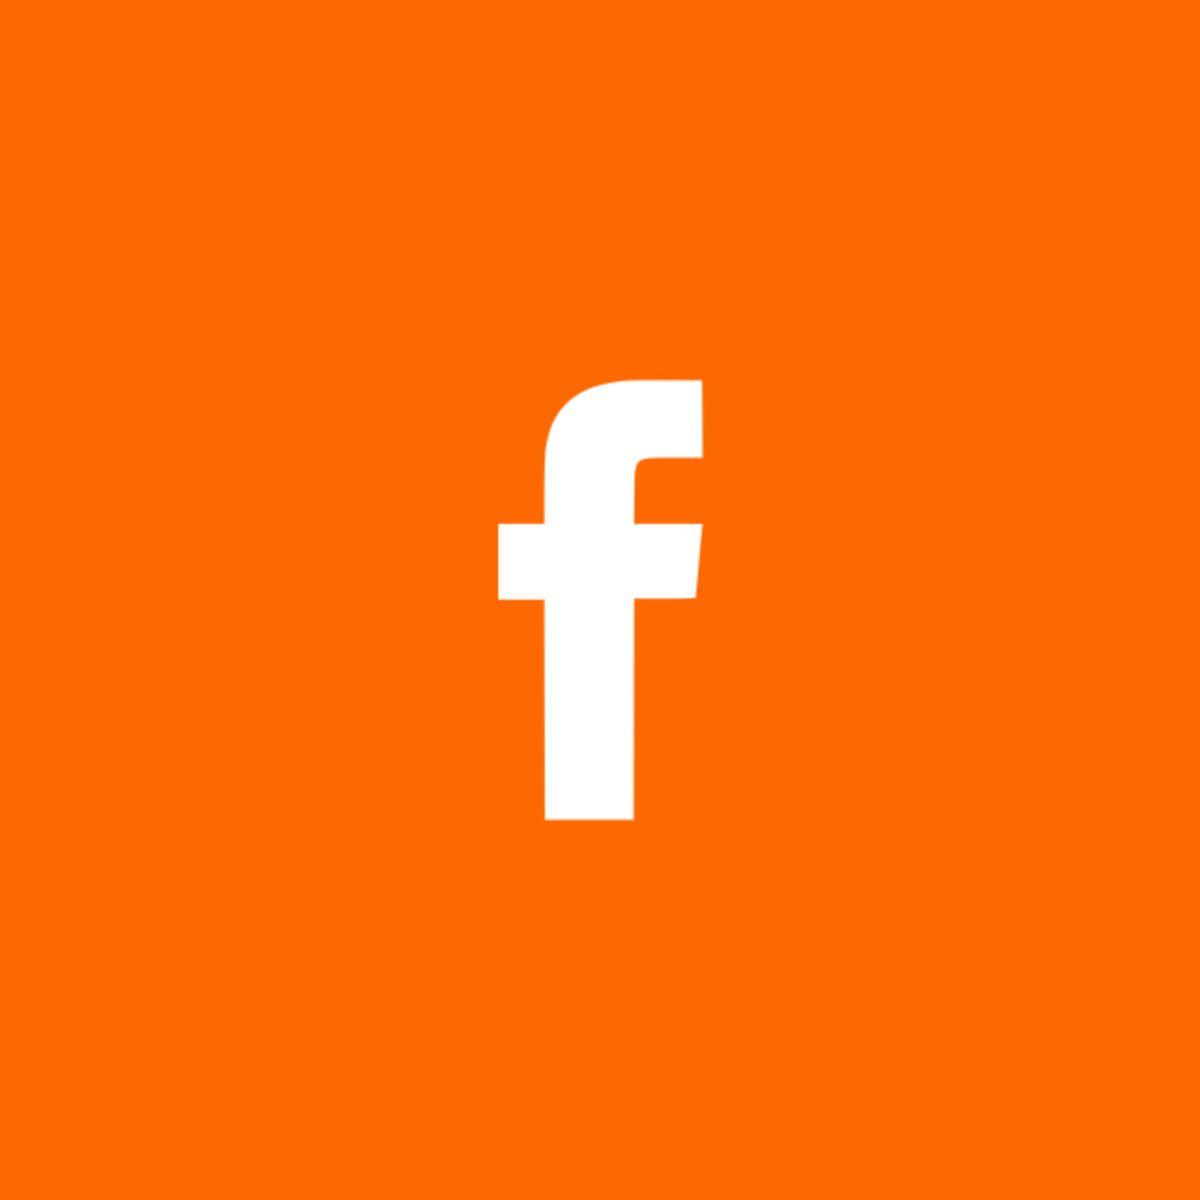 Facebook Icon Icone De App Icones Icone